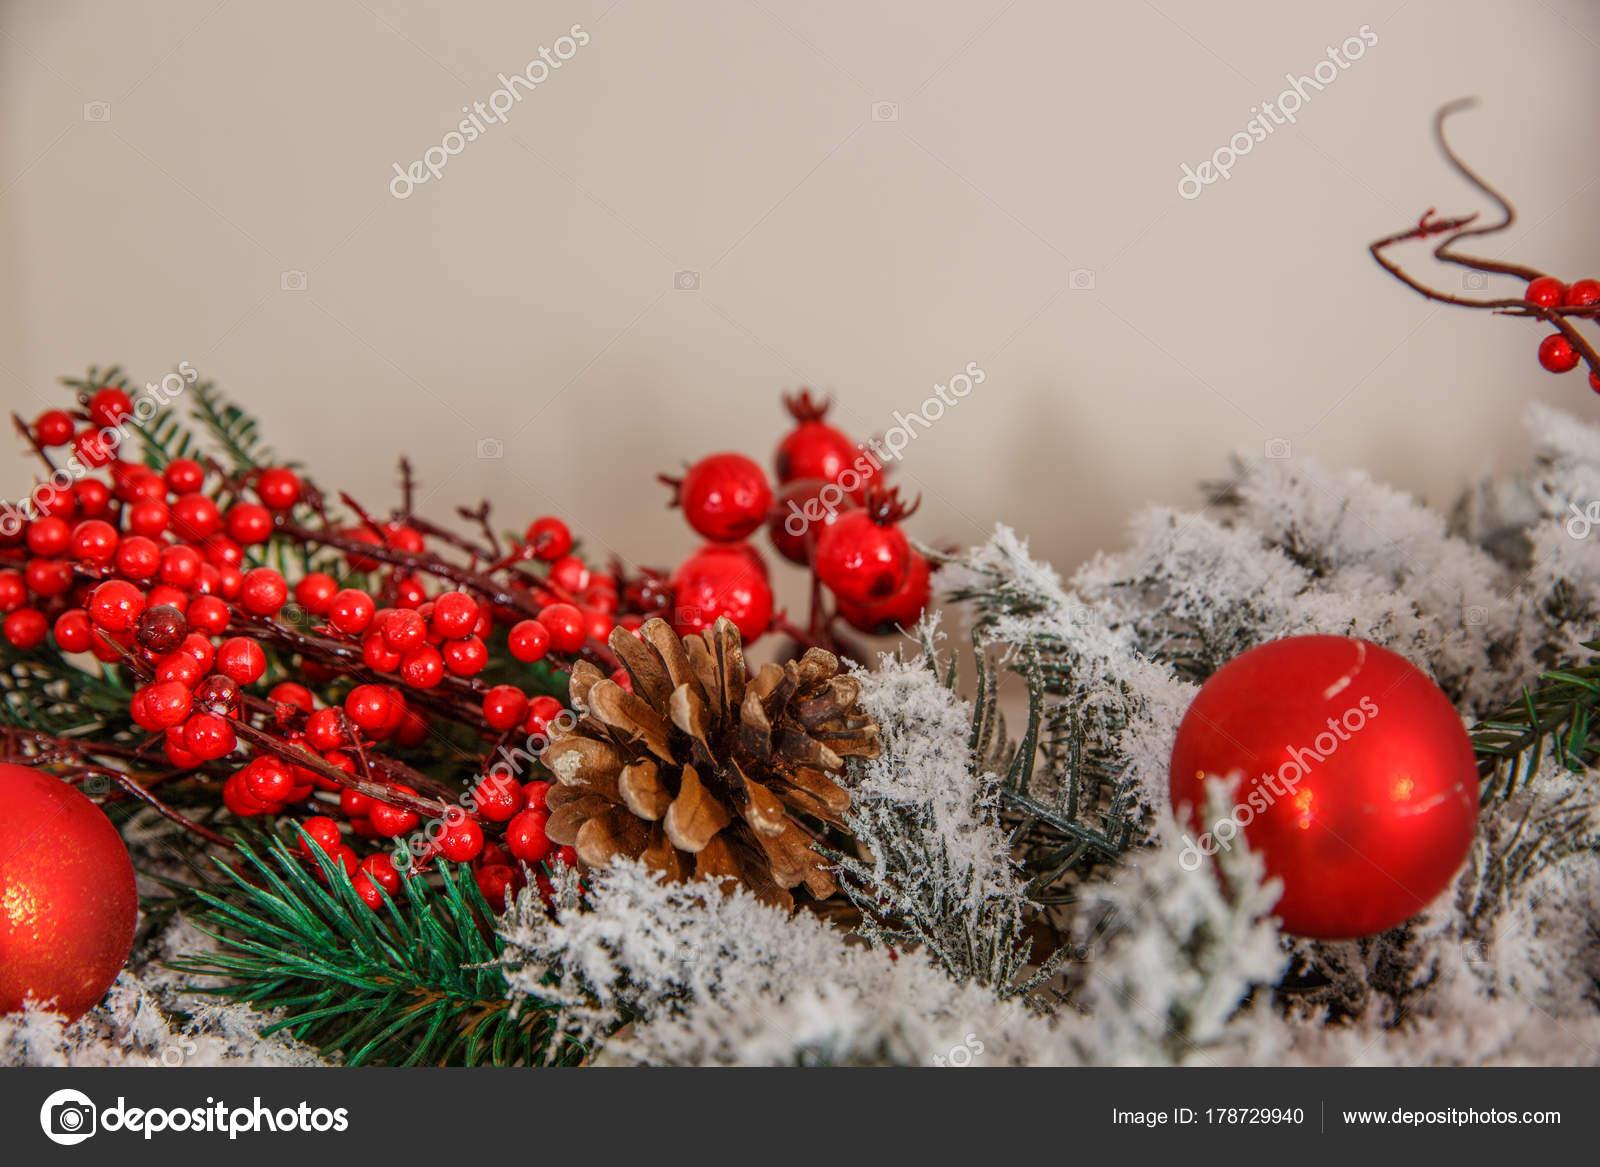 Kerstdecoraties Met Rood : Rode kerstversiering. de hobbels in de sneeuw kerstboom brunch